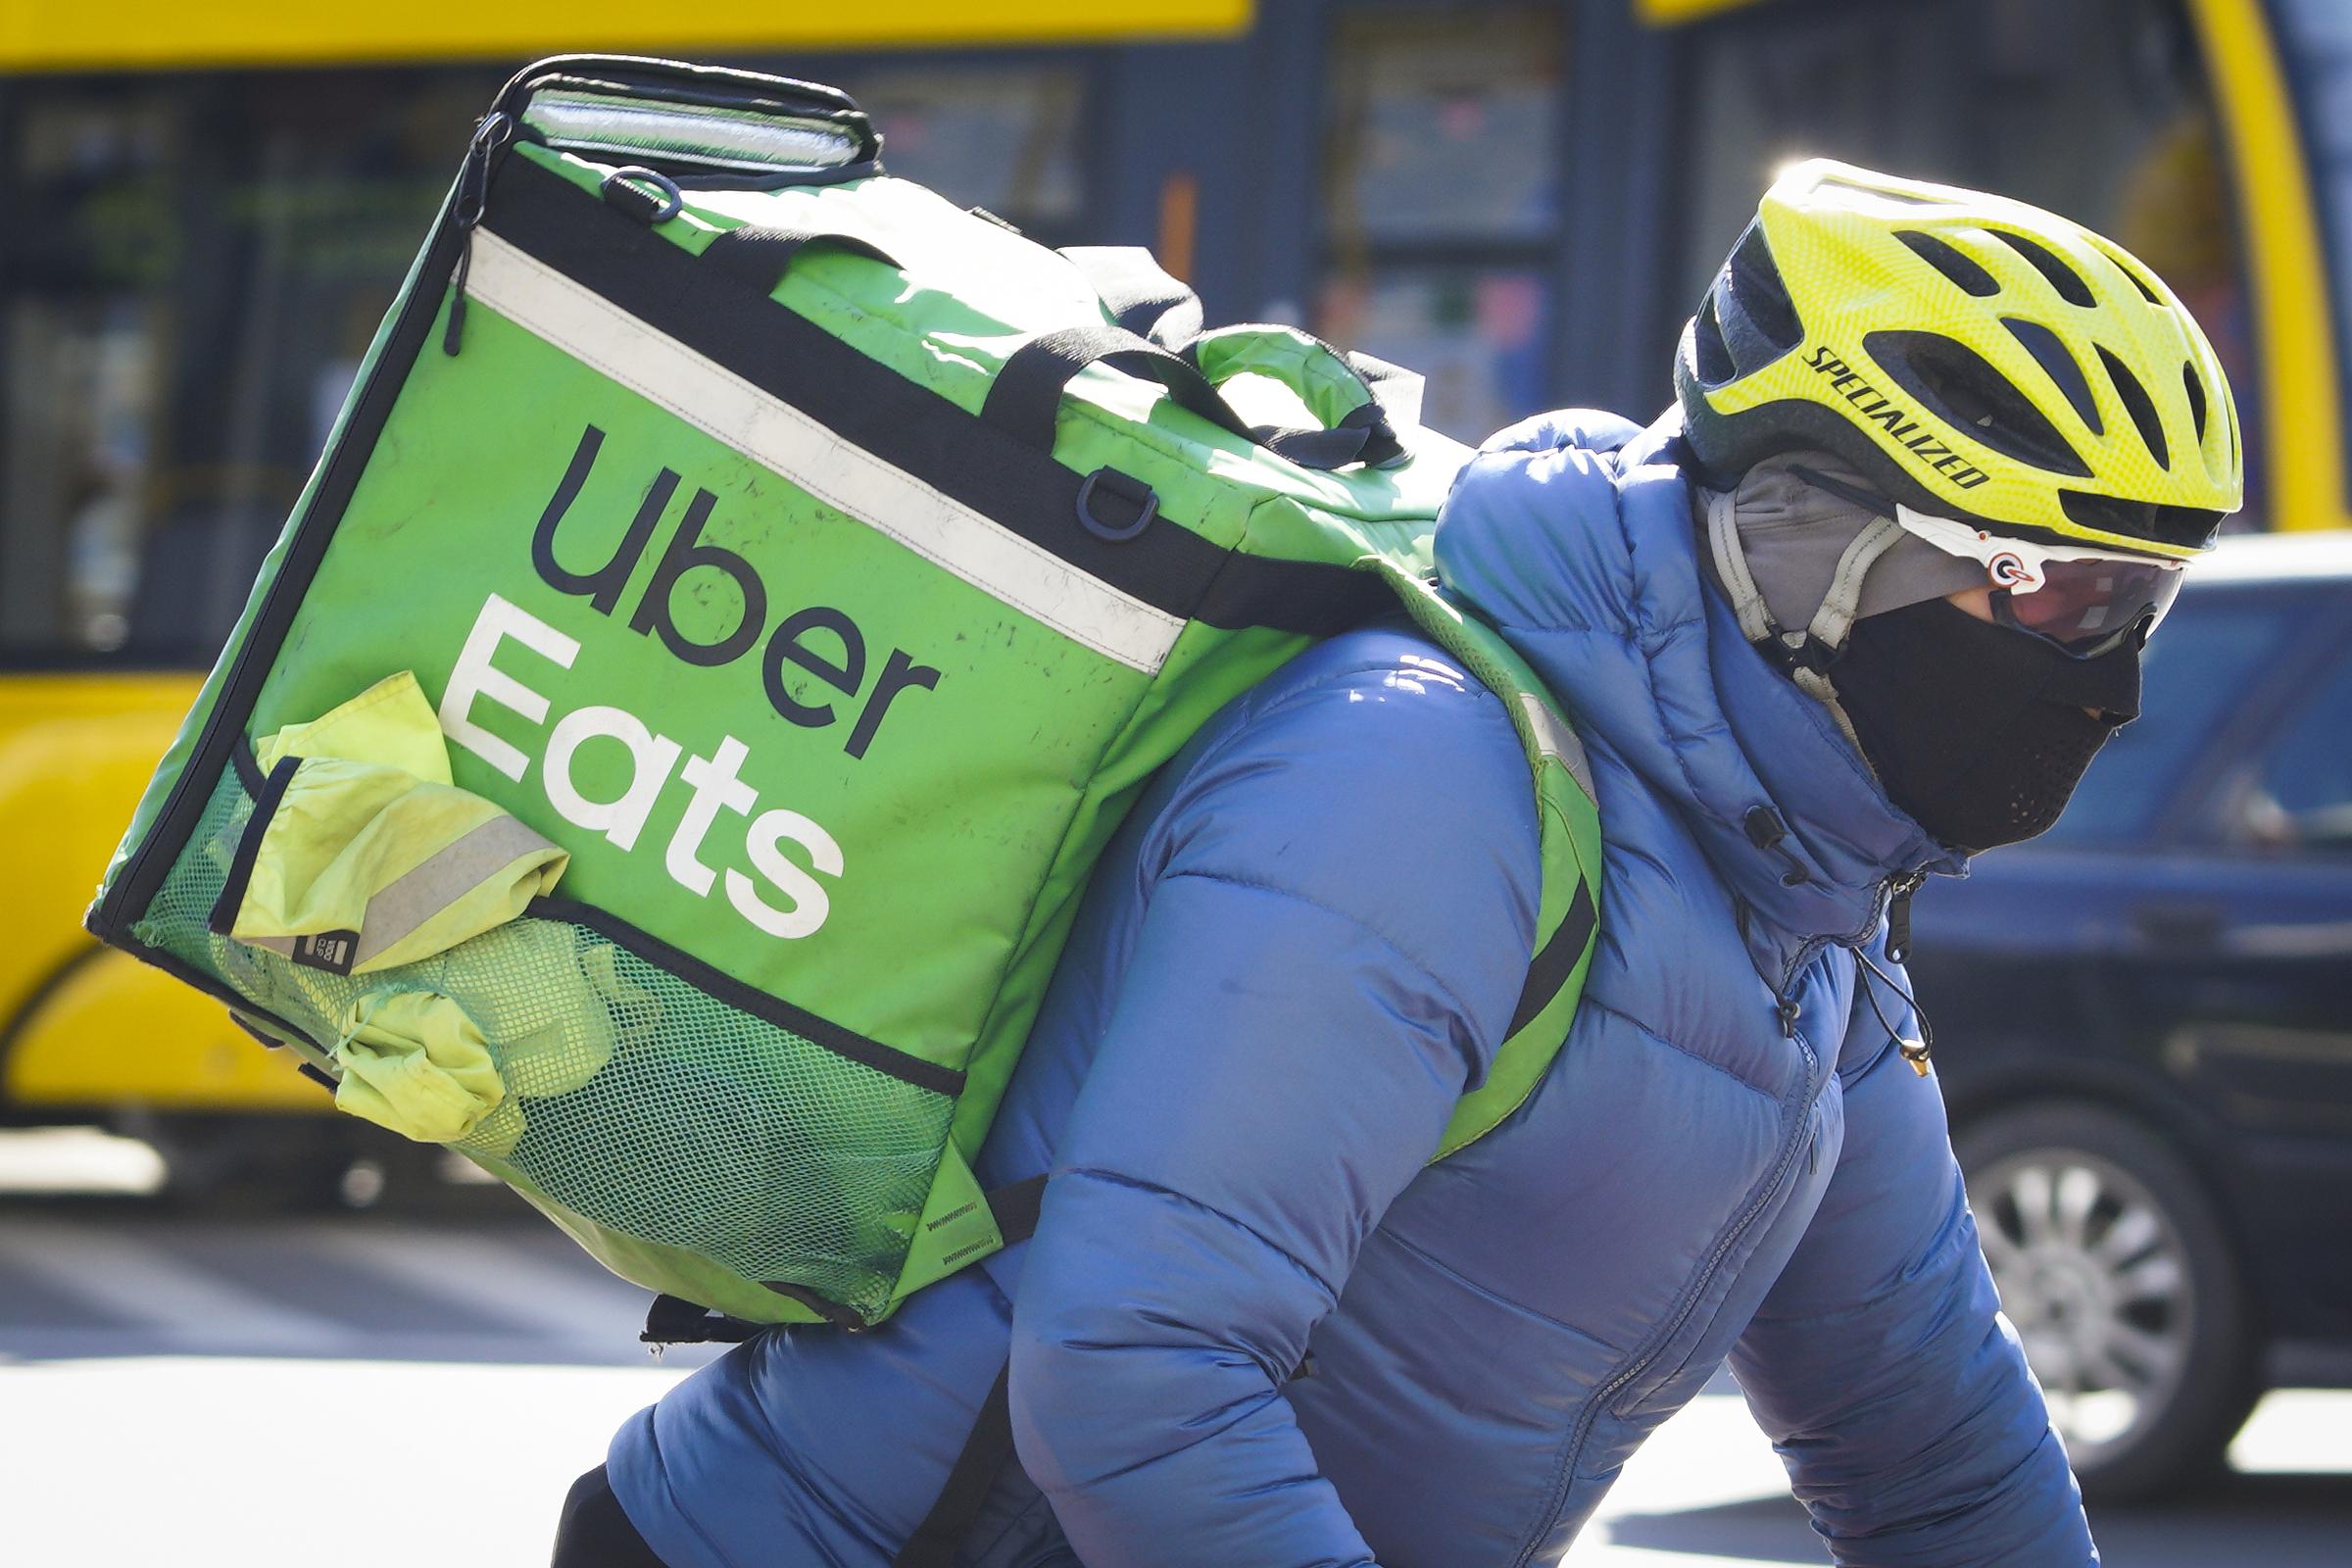 Một nhân viên Uber Eats đang giao đơn hàng. Ảnh: Uber.